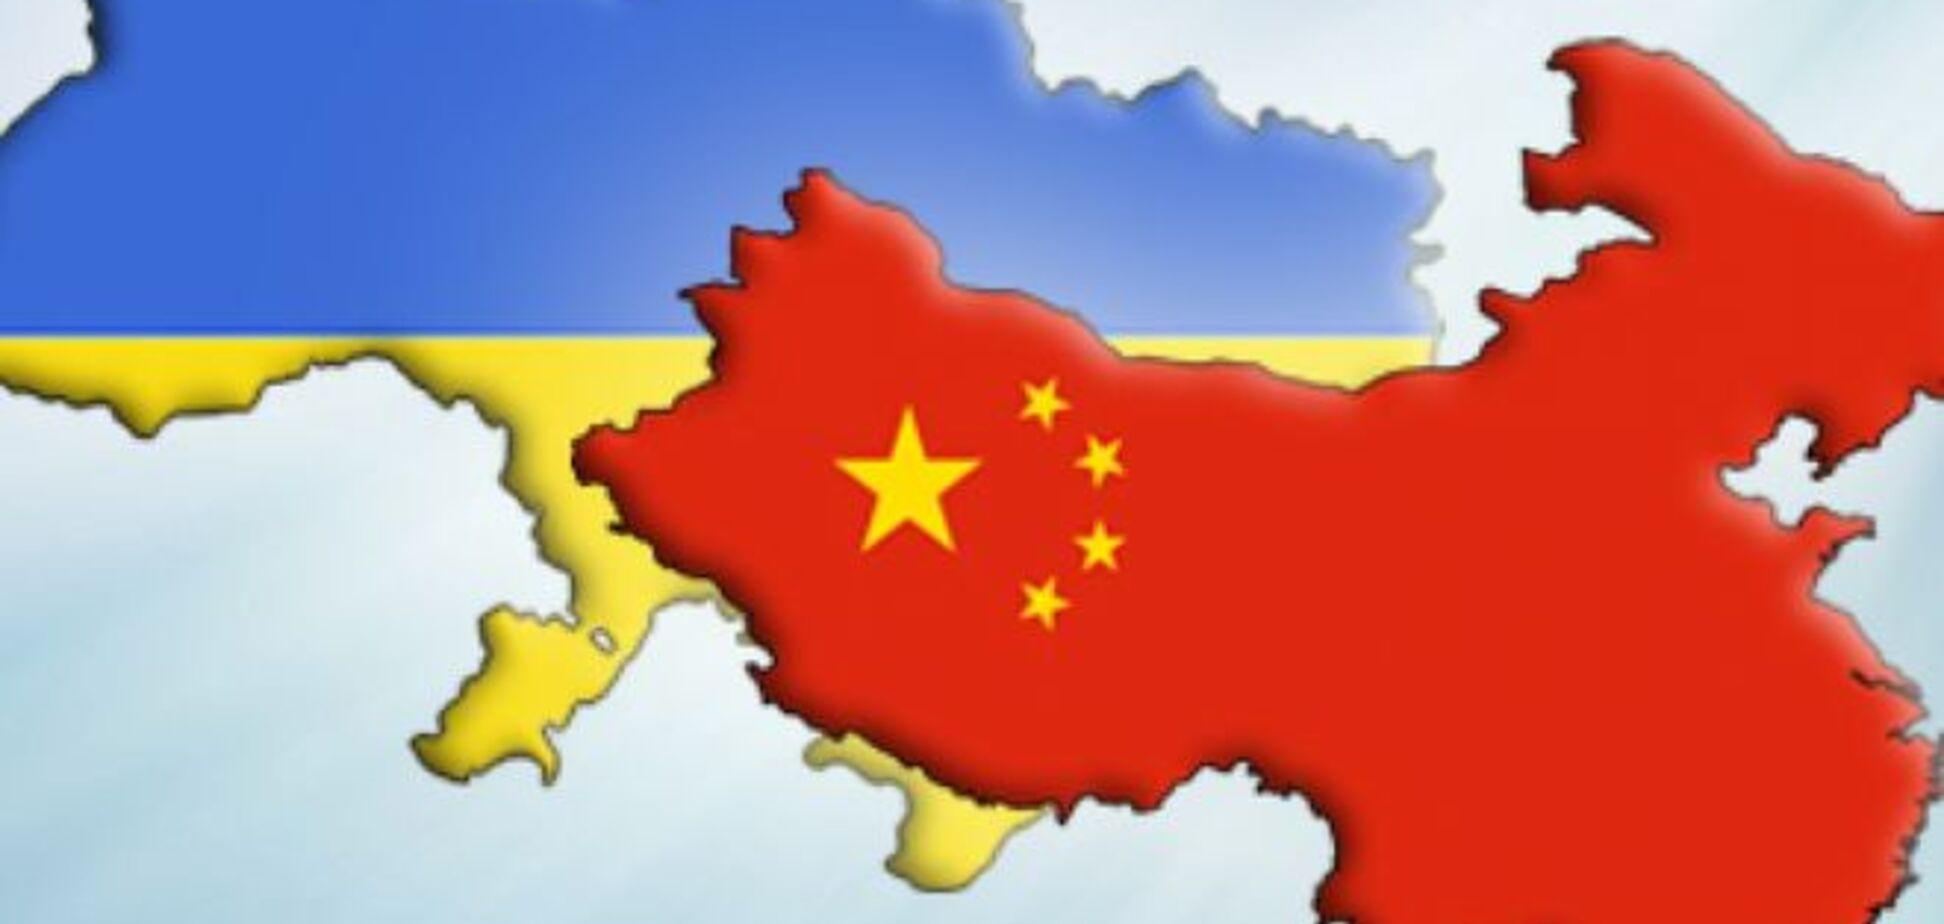 Лисицький пояснив, чому Китай має величезний інтерес в Україні